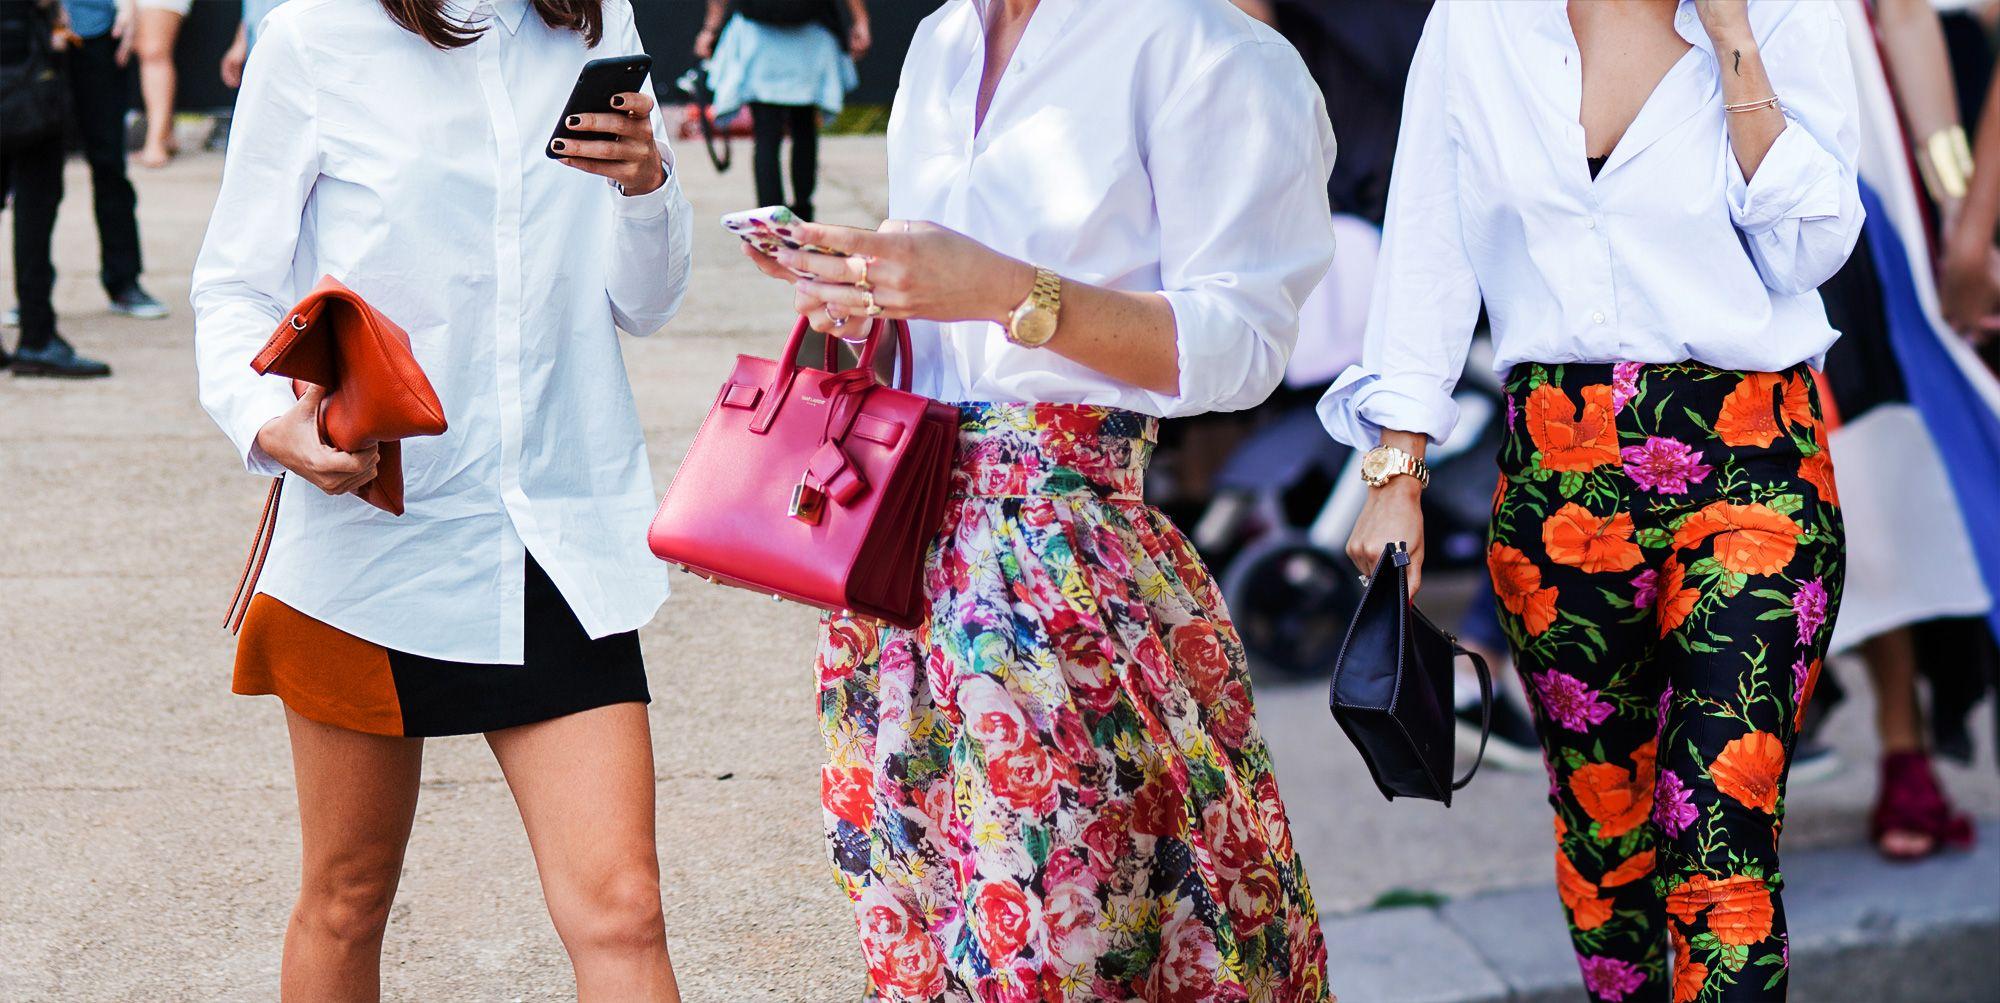 Camicia bianca: 3 look | Kiabi blog.it Consigli moda